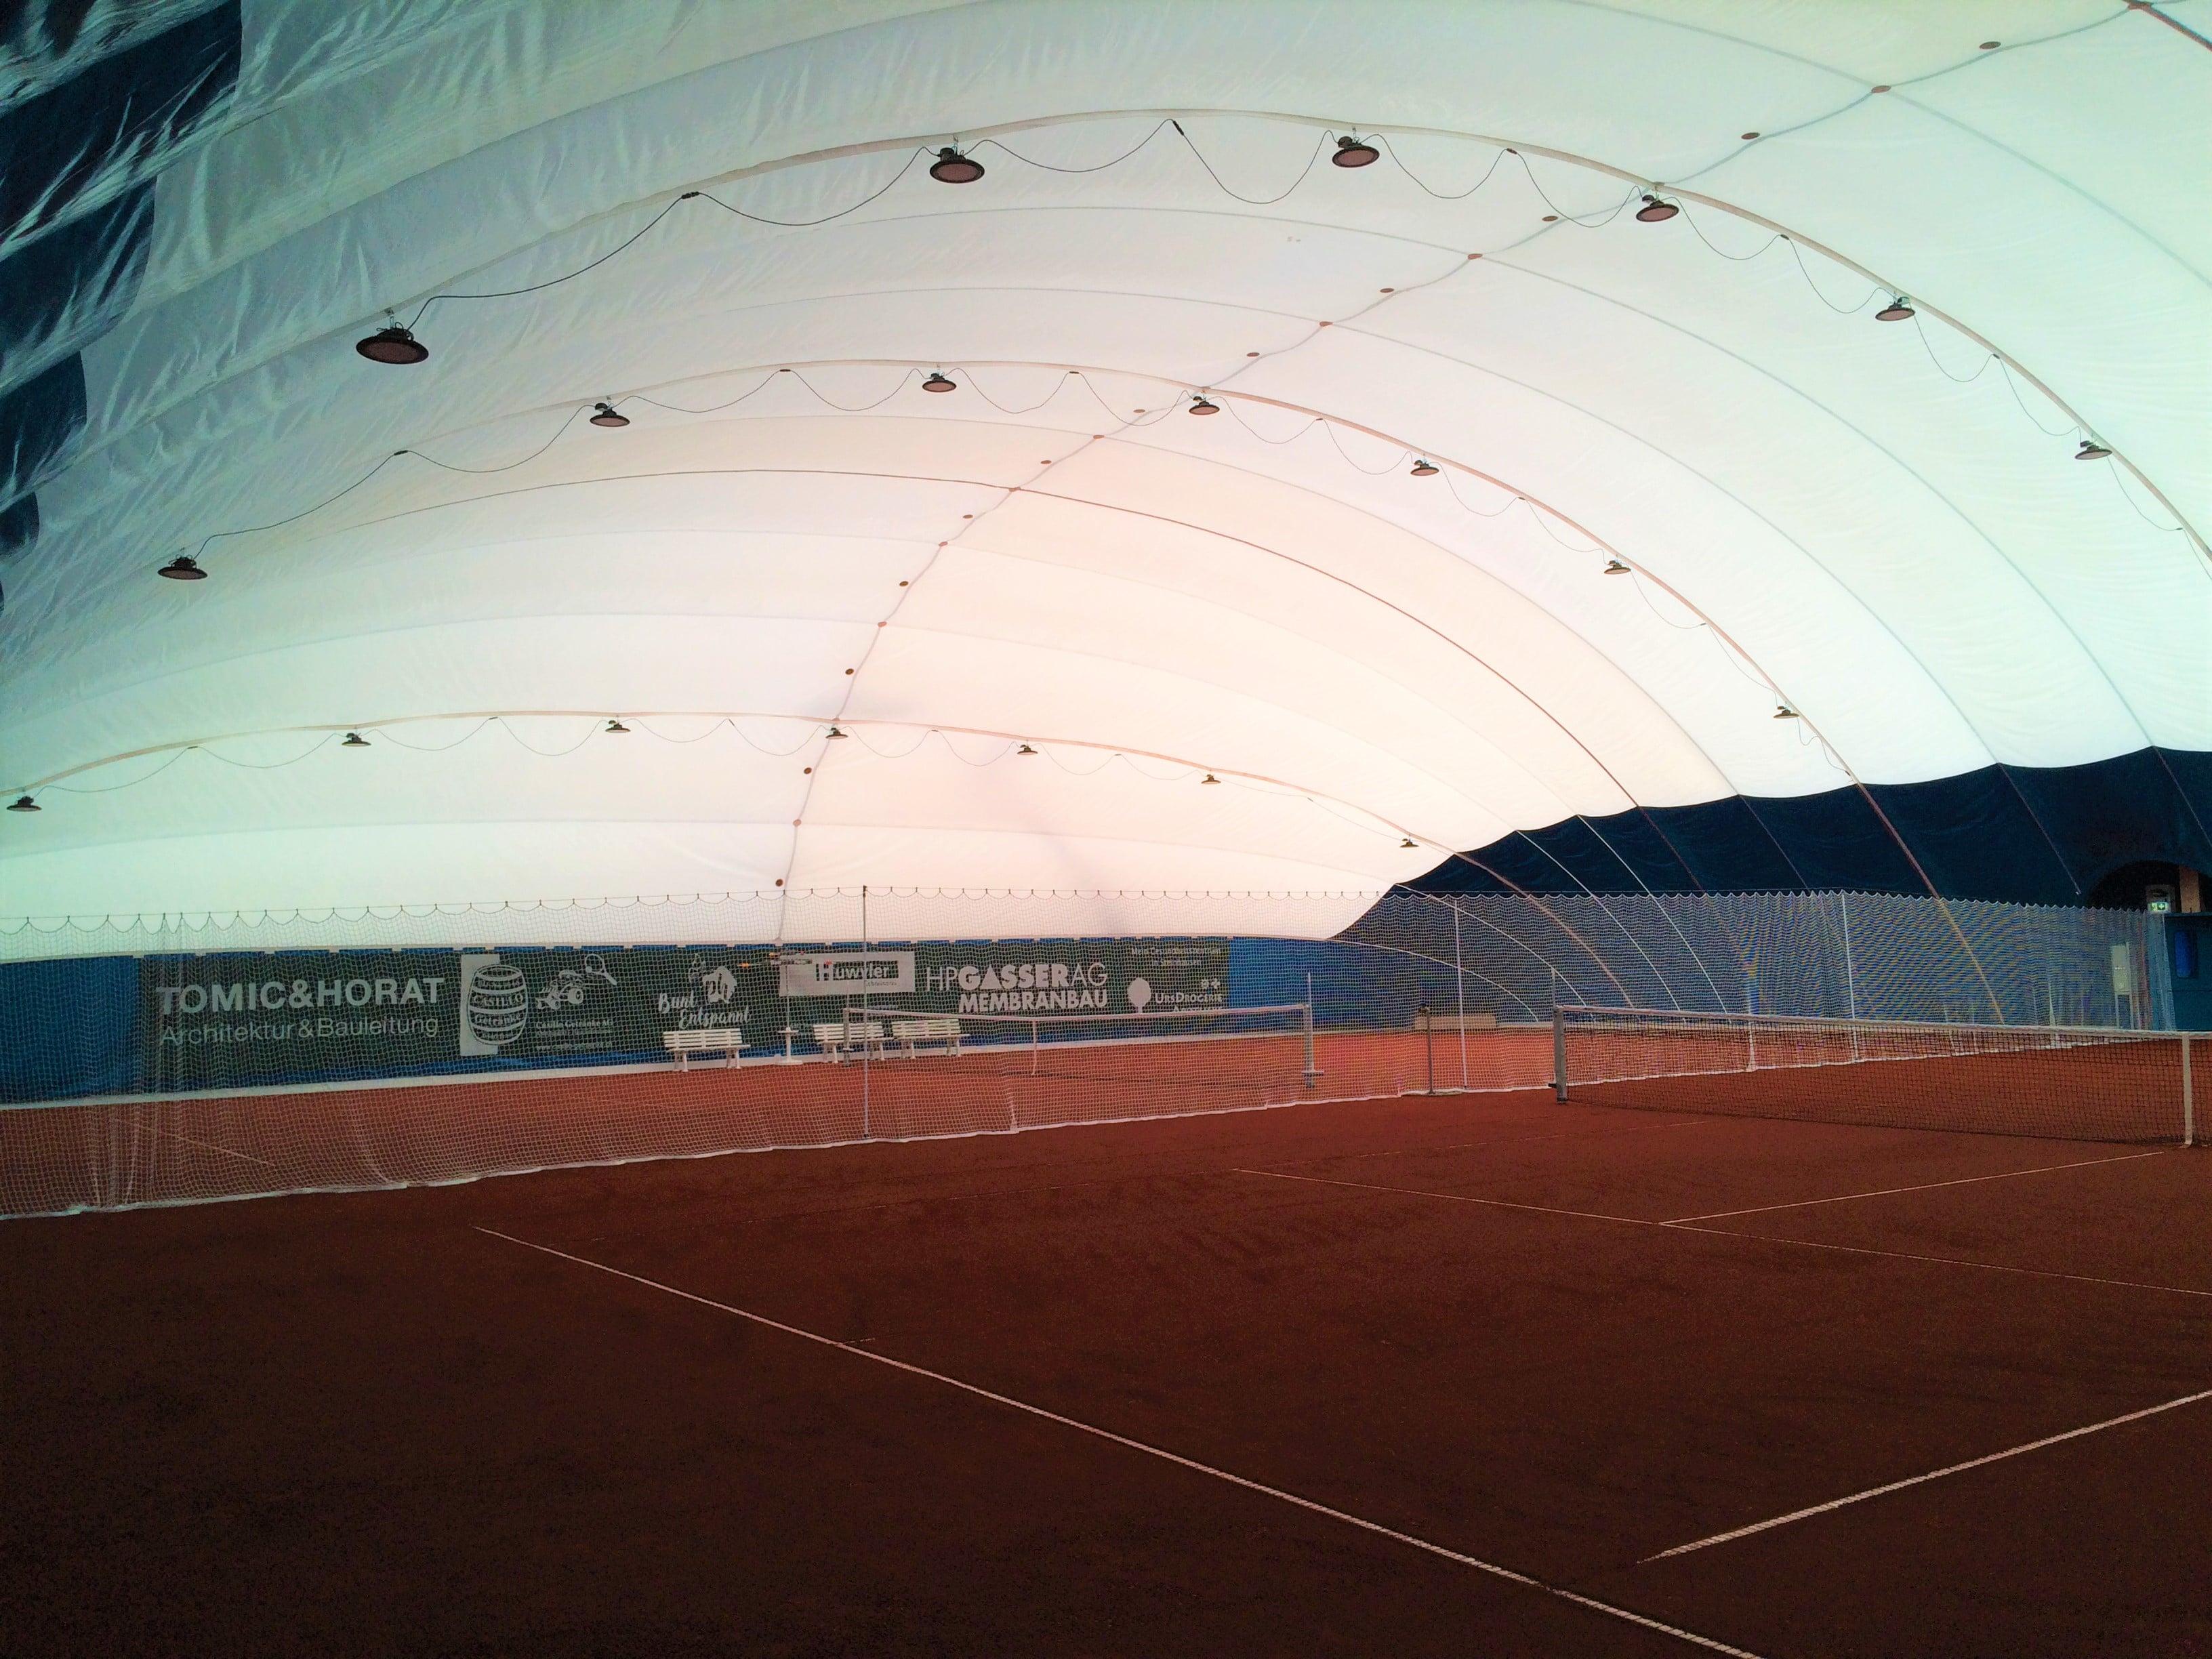 Bild des Tennisplatzes unter der Membranhalle